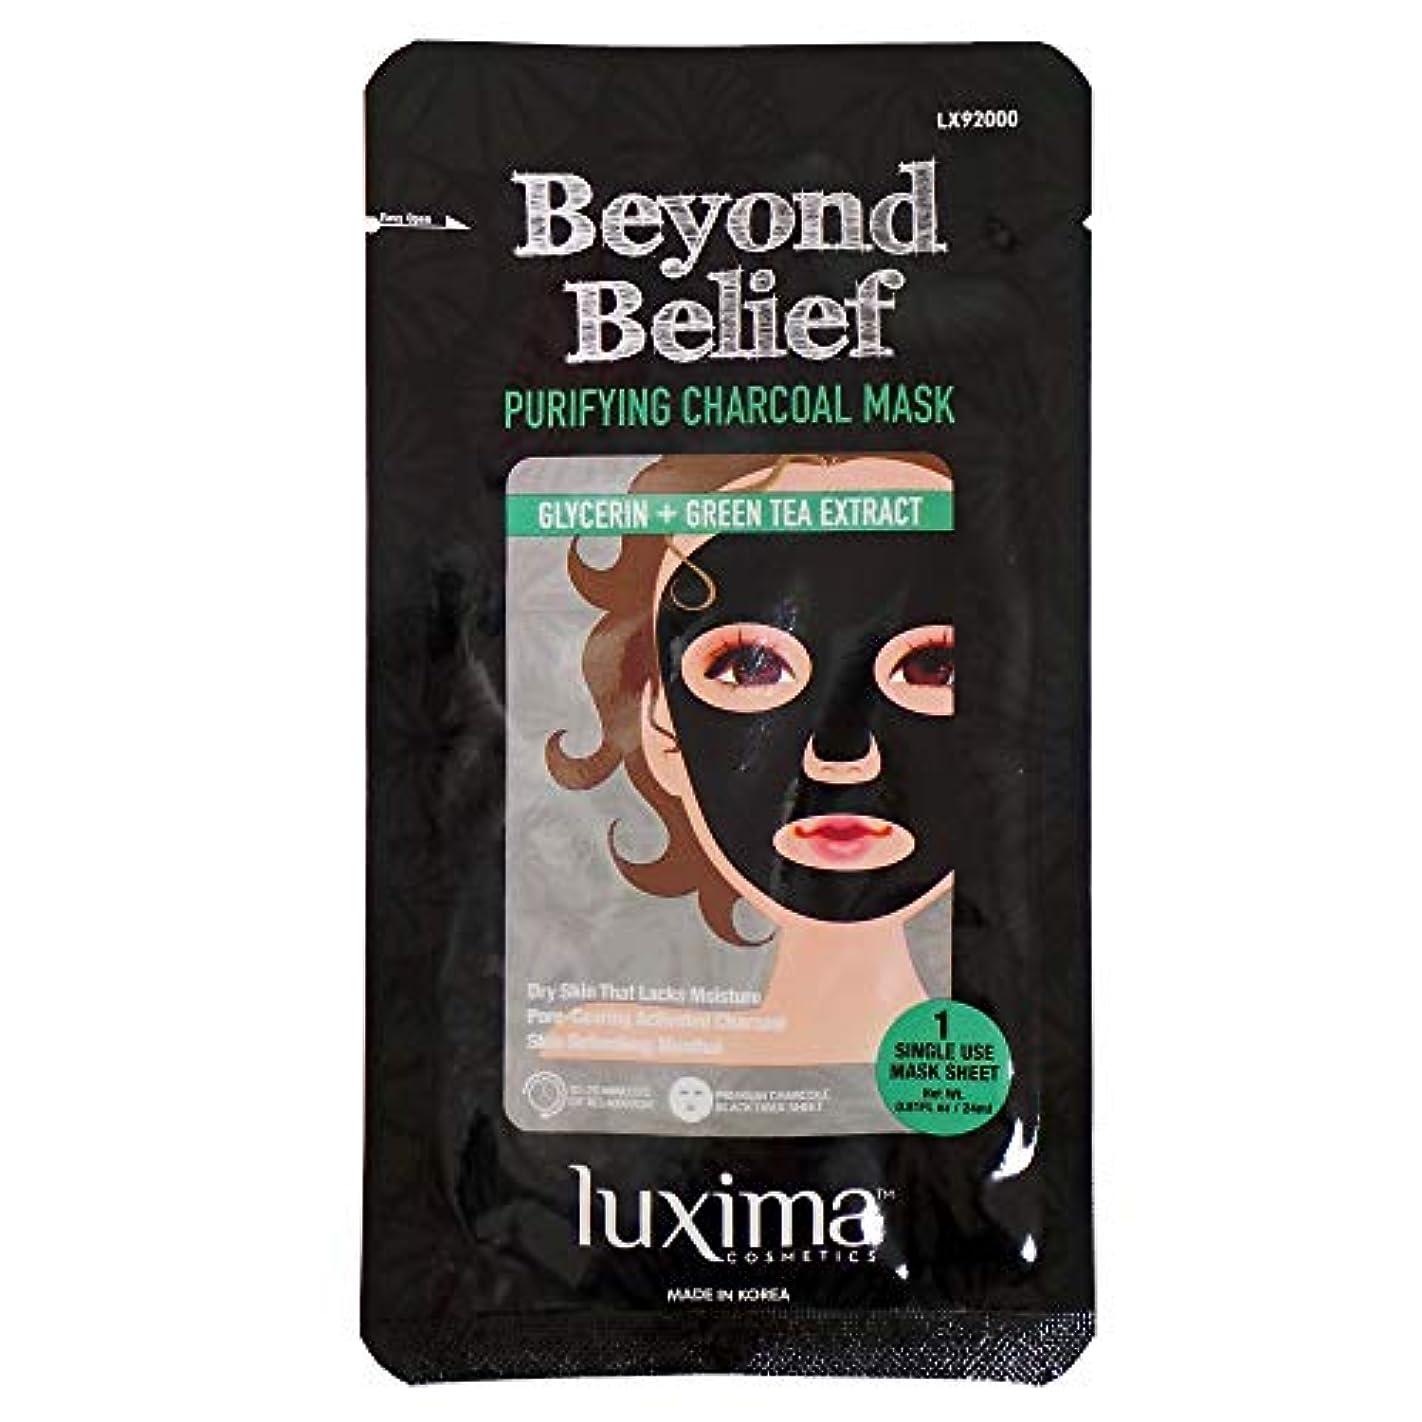 剛性広々とした評価LUXIMA Beyond Belief Purifying Charcoal Mask (並行輸入品)